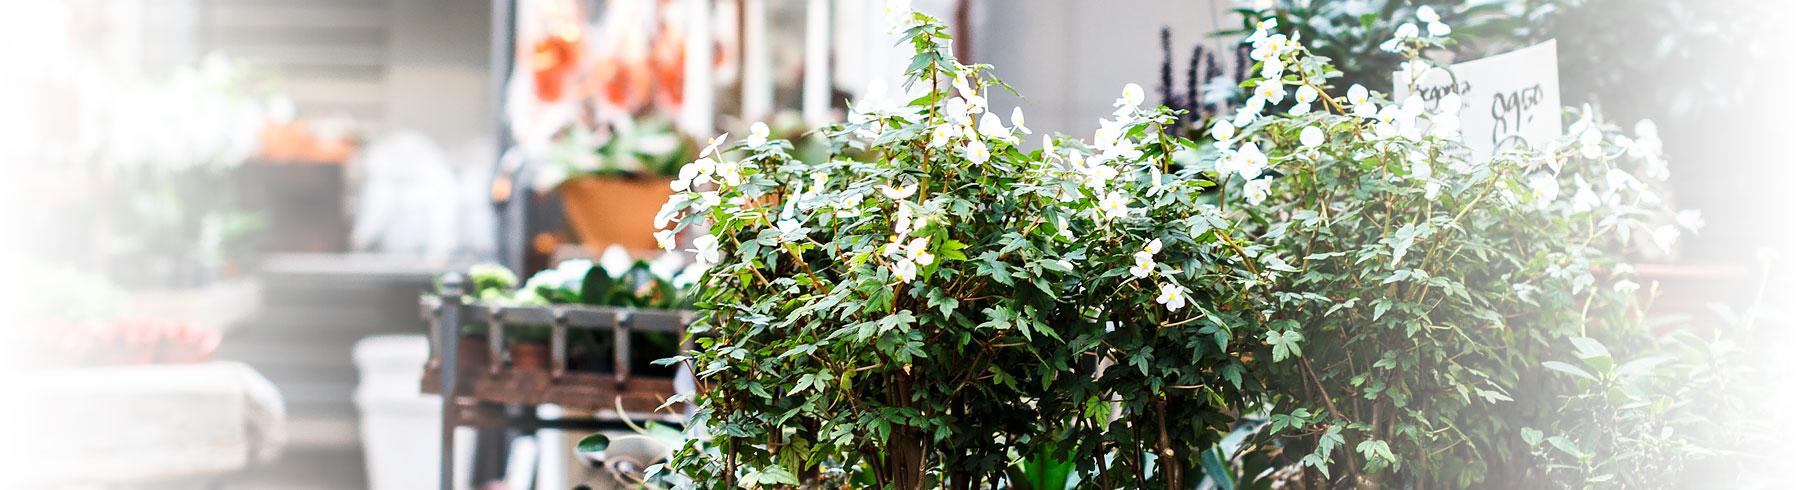 Butiken - Brändmarks Blommor på Trandared i Borås